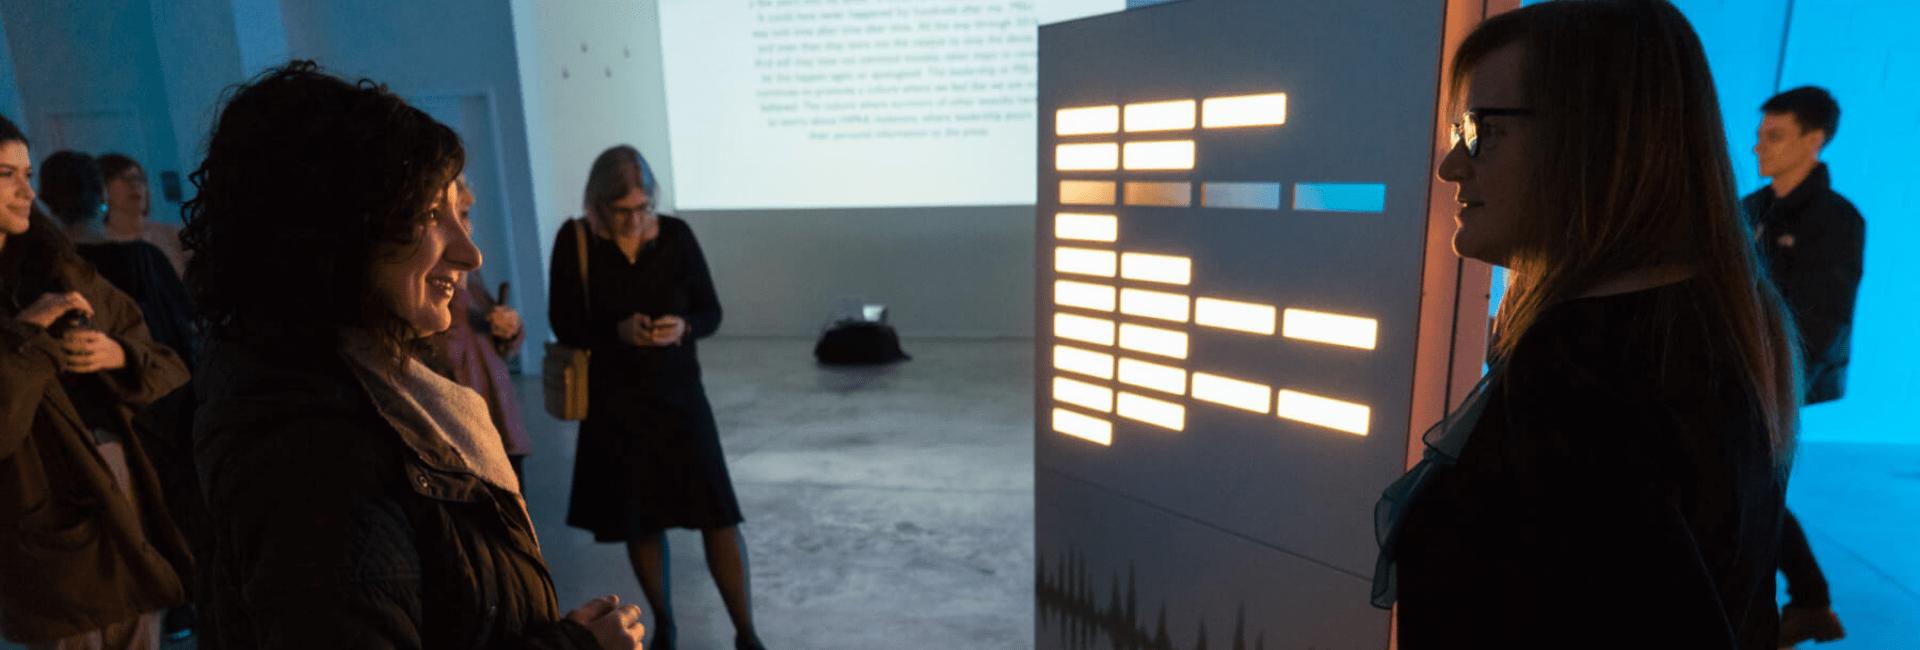 MSU 'Illuminates Survivor Voices' with Beautiful OLED Installation